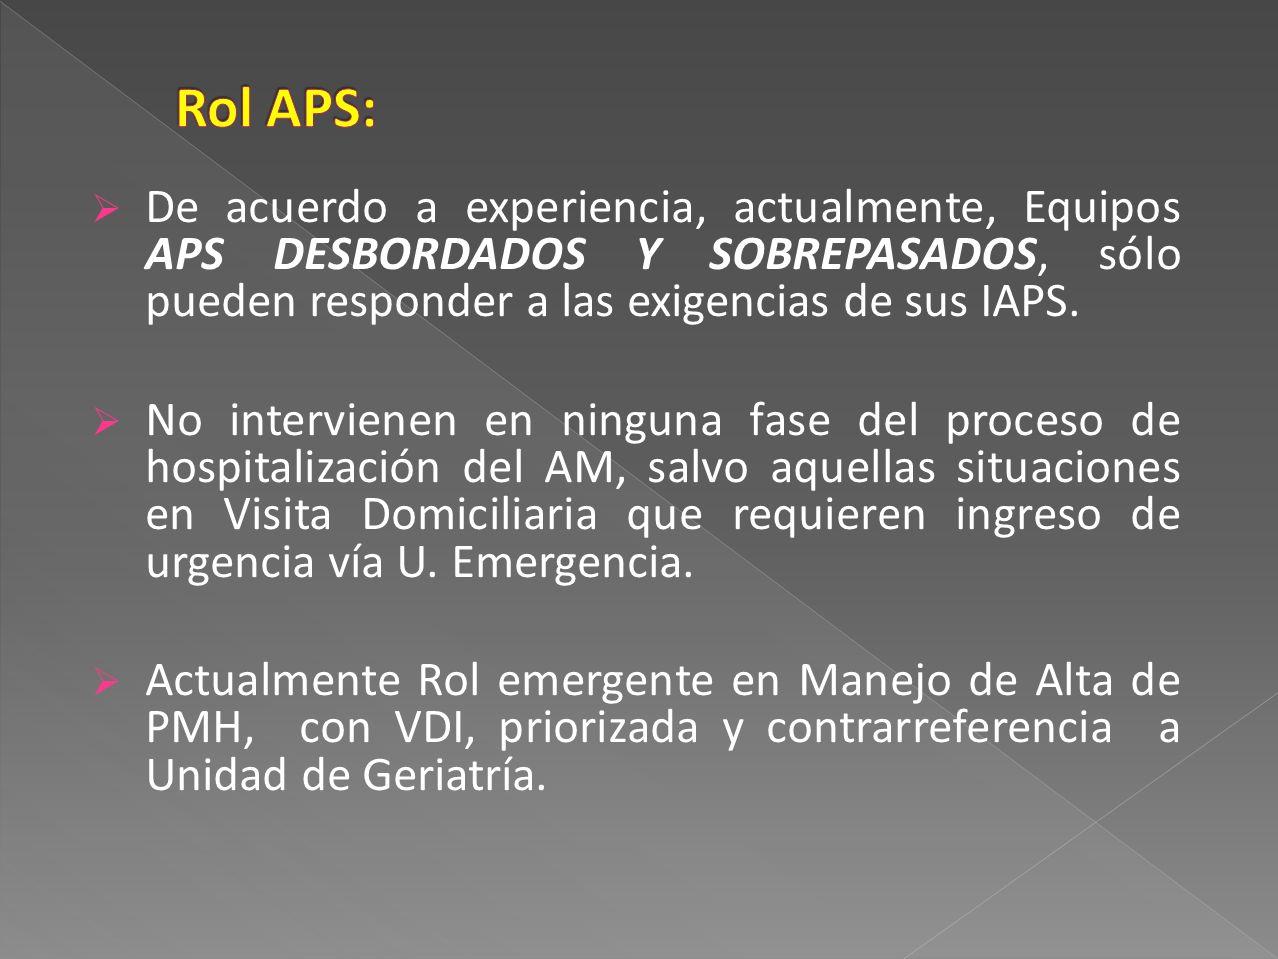 De acuerdo a experiencia, actualmente, Equipos APS DESBORDADOS Y SOBREPASADOS, sólo pueden responder a las exigencias de sus IAPS. No intervienen en n